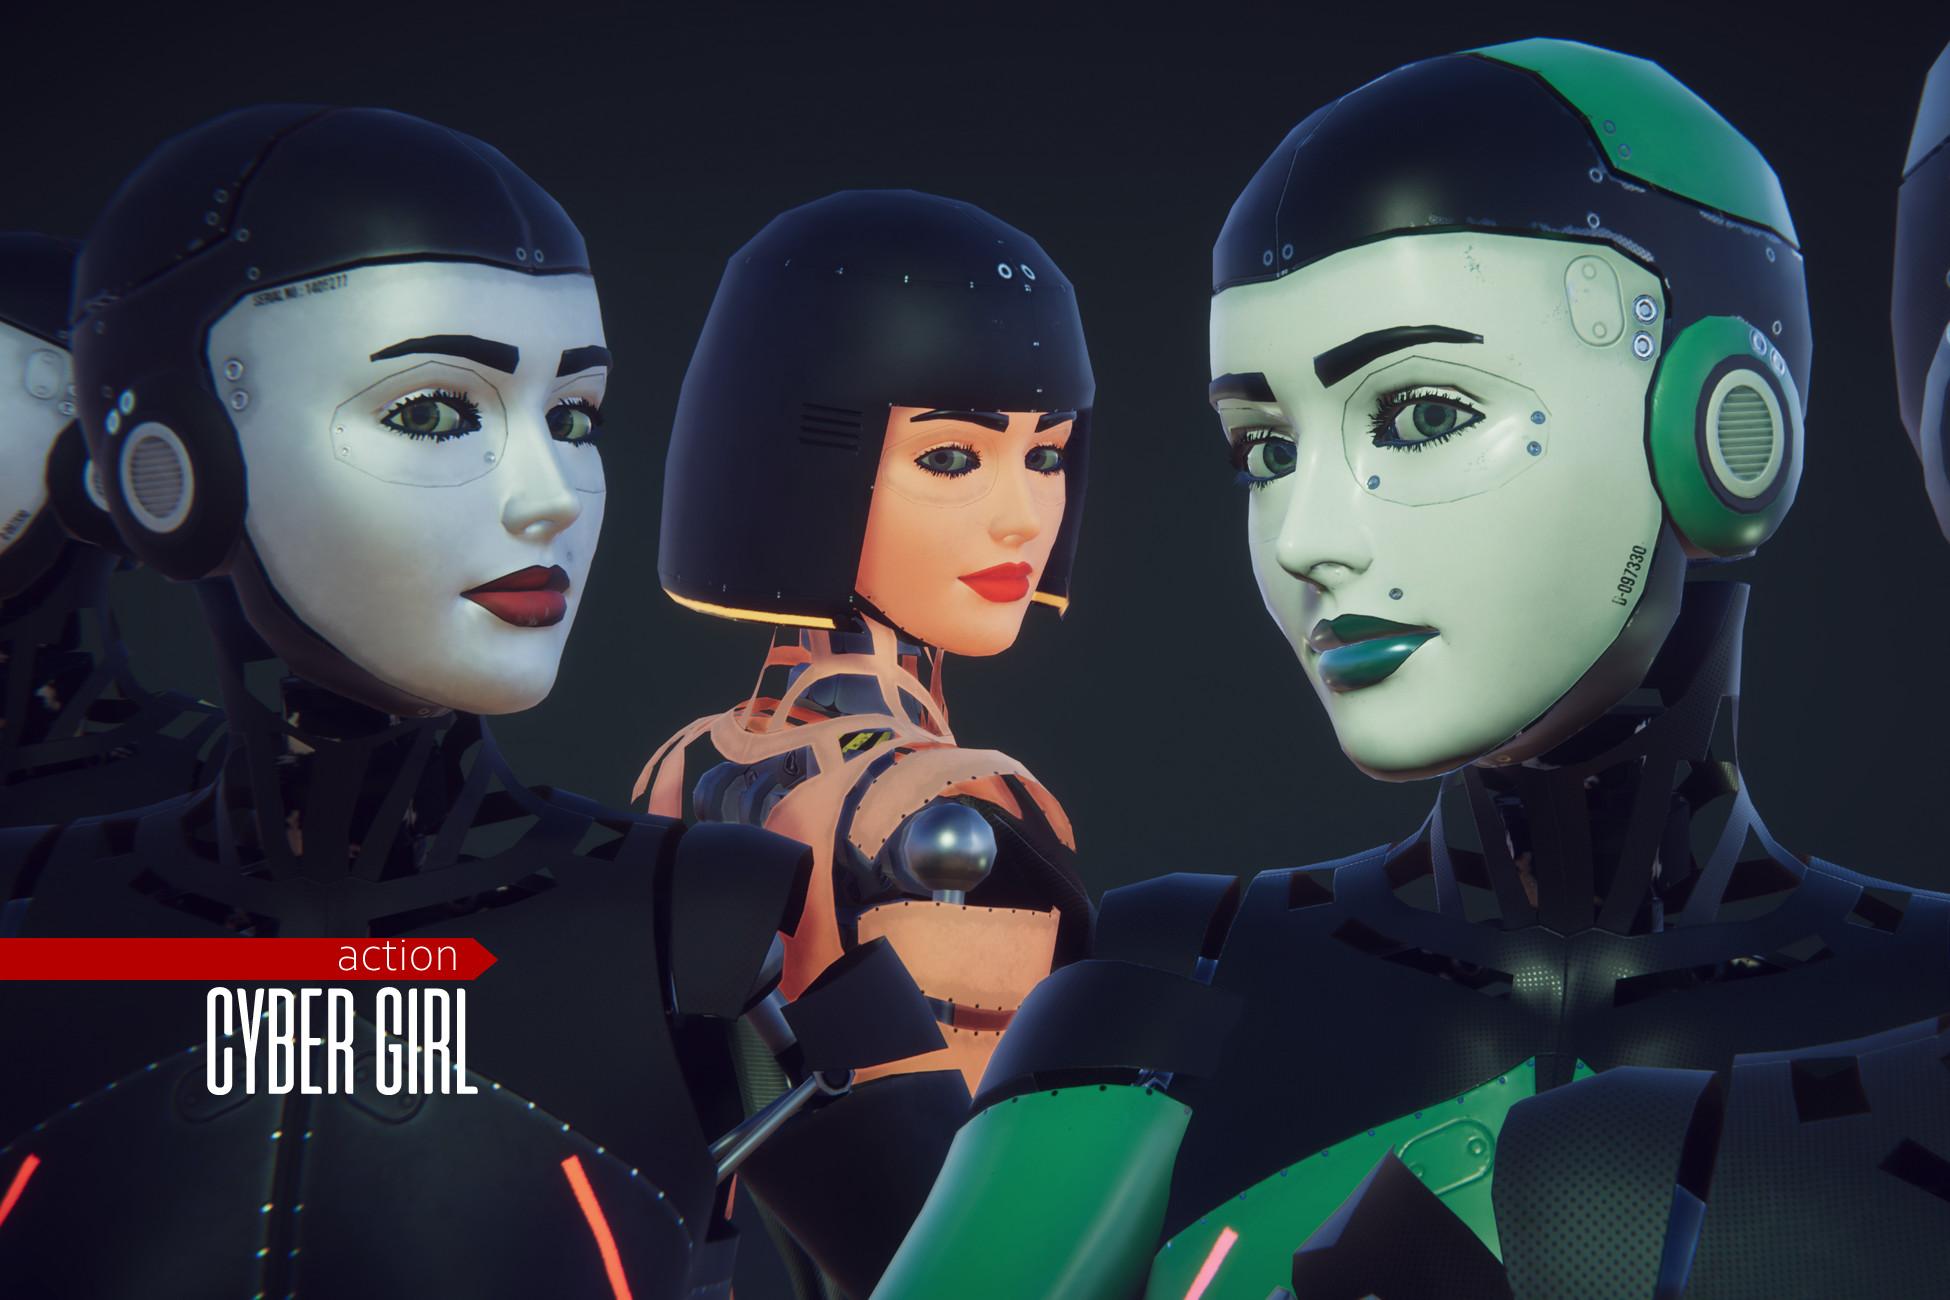 cyberpunk - Cyber Girl